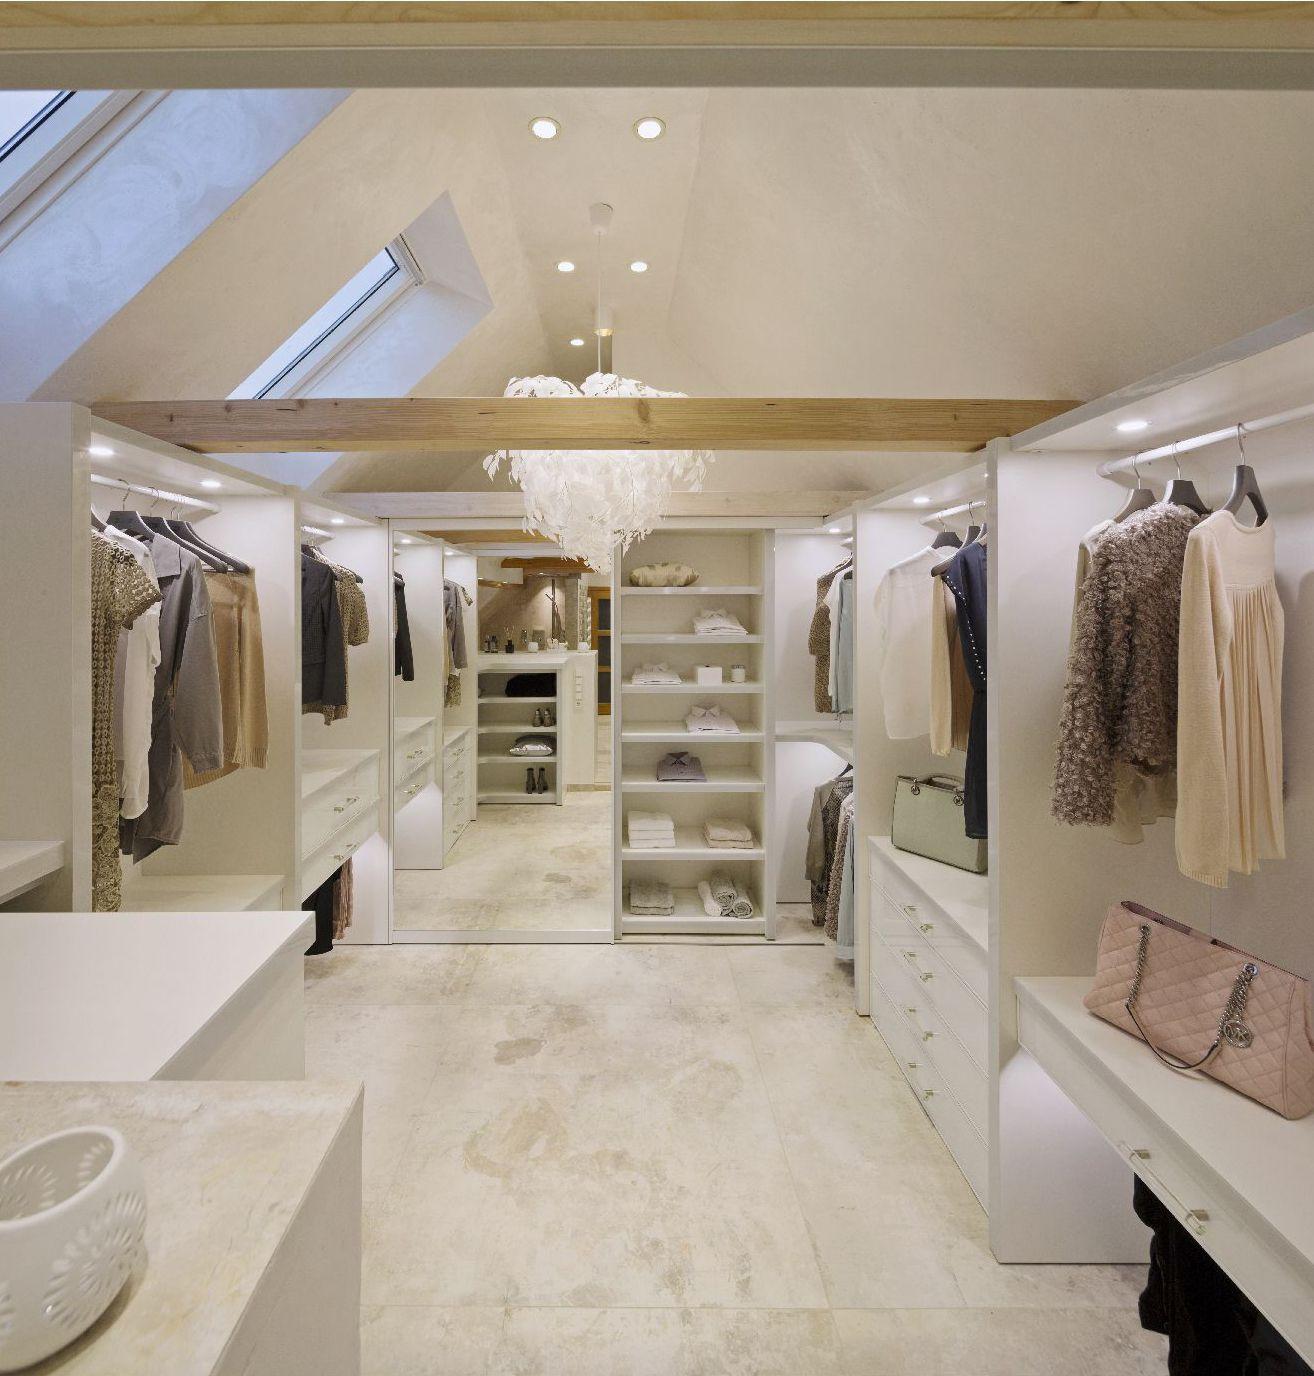 Einbauschranke Schiebeturen Nach Mass Ankleidezimmer Ankleide Zimmer Begehbarer Kleiderschrank Dachgeschoss